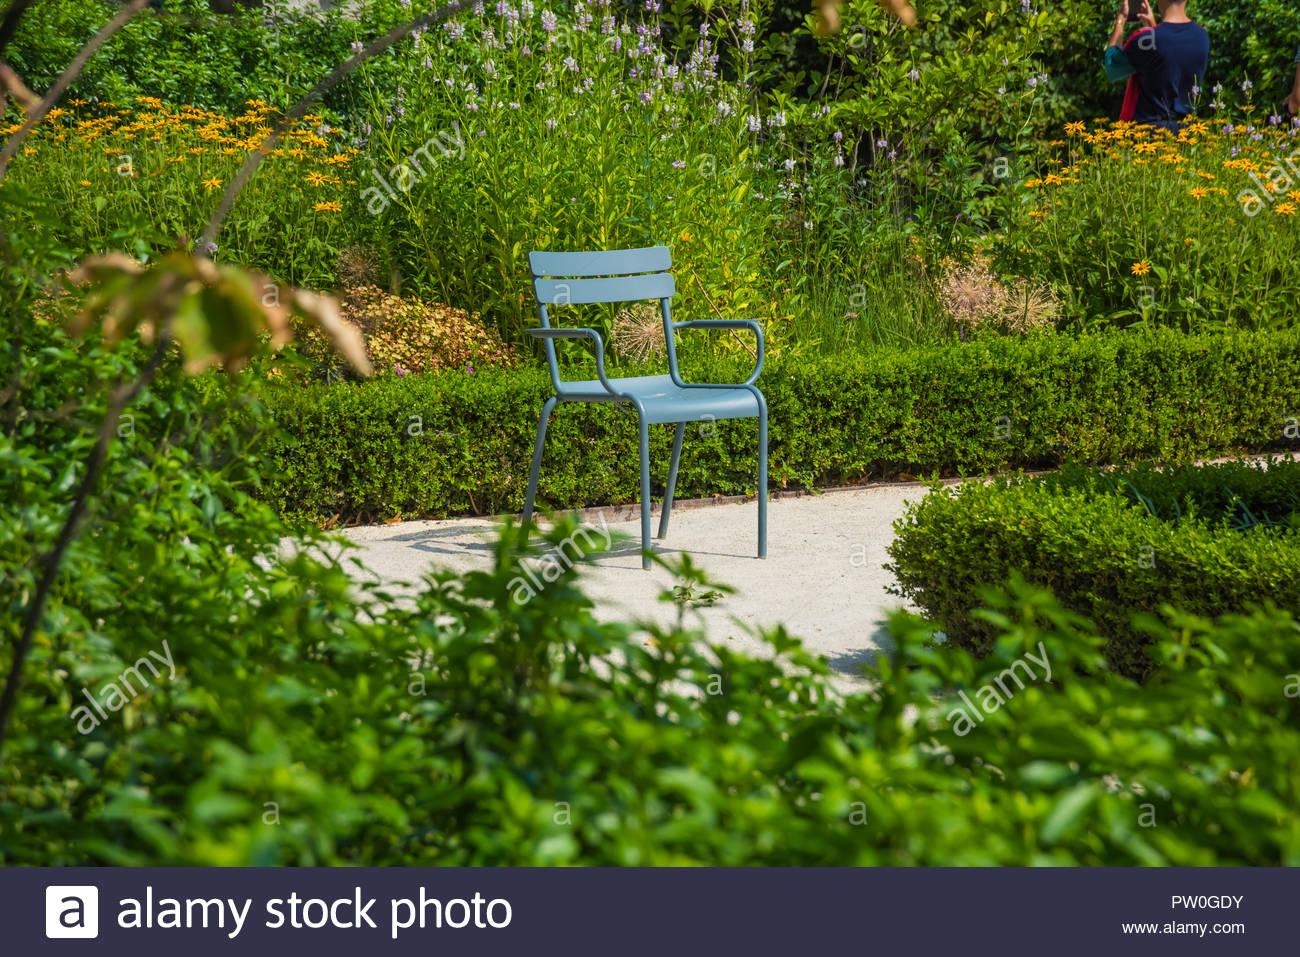 Amsterdam, Rijksmuseum, Garten, Garden - Stock Image